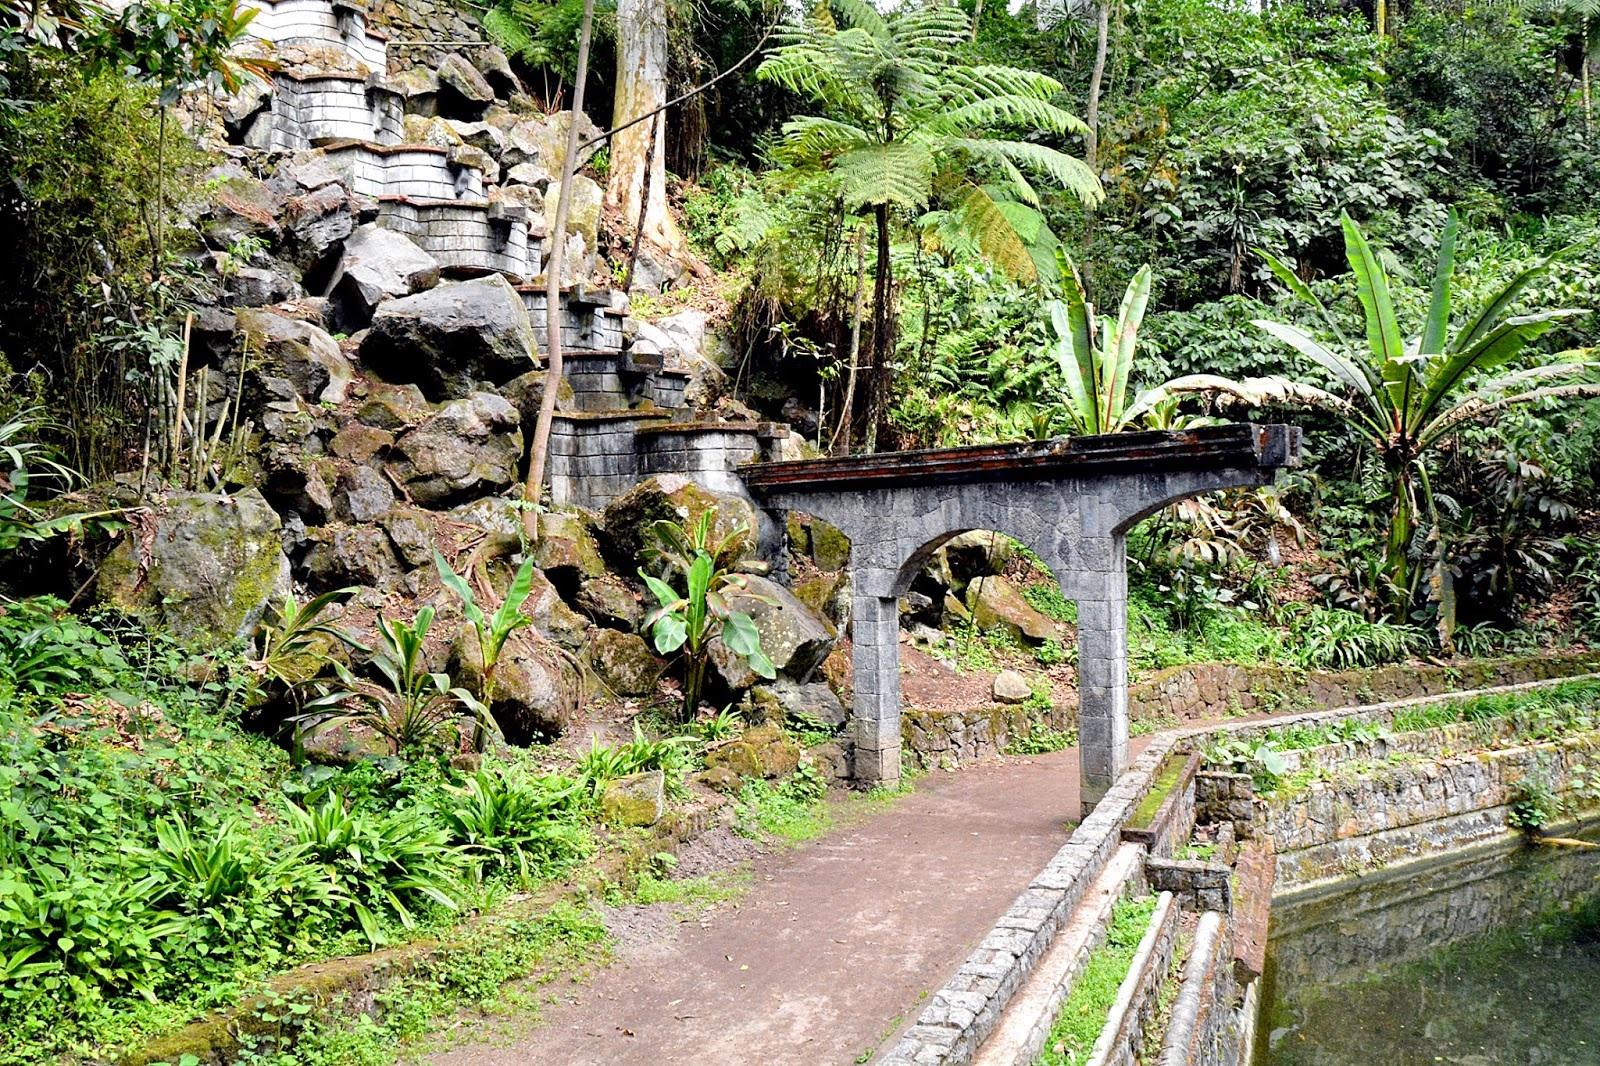 Xalapa - Parque de los Tecajetes 2